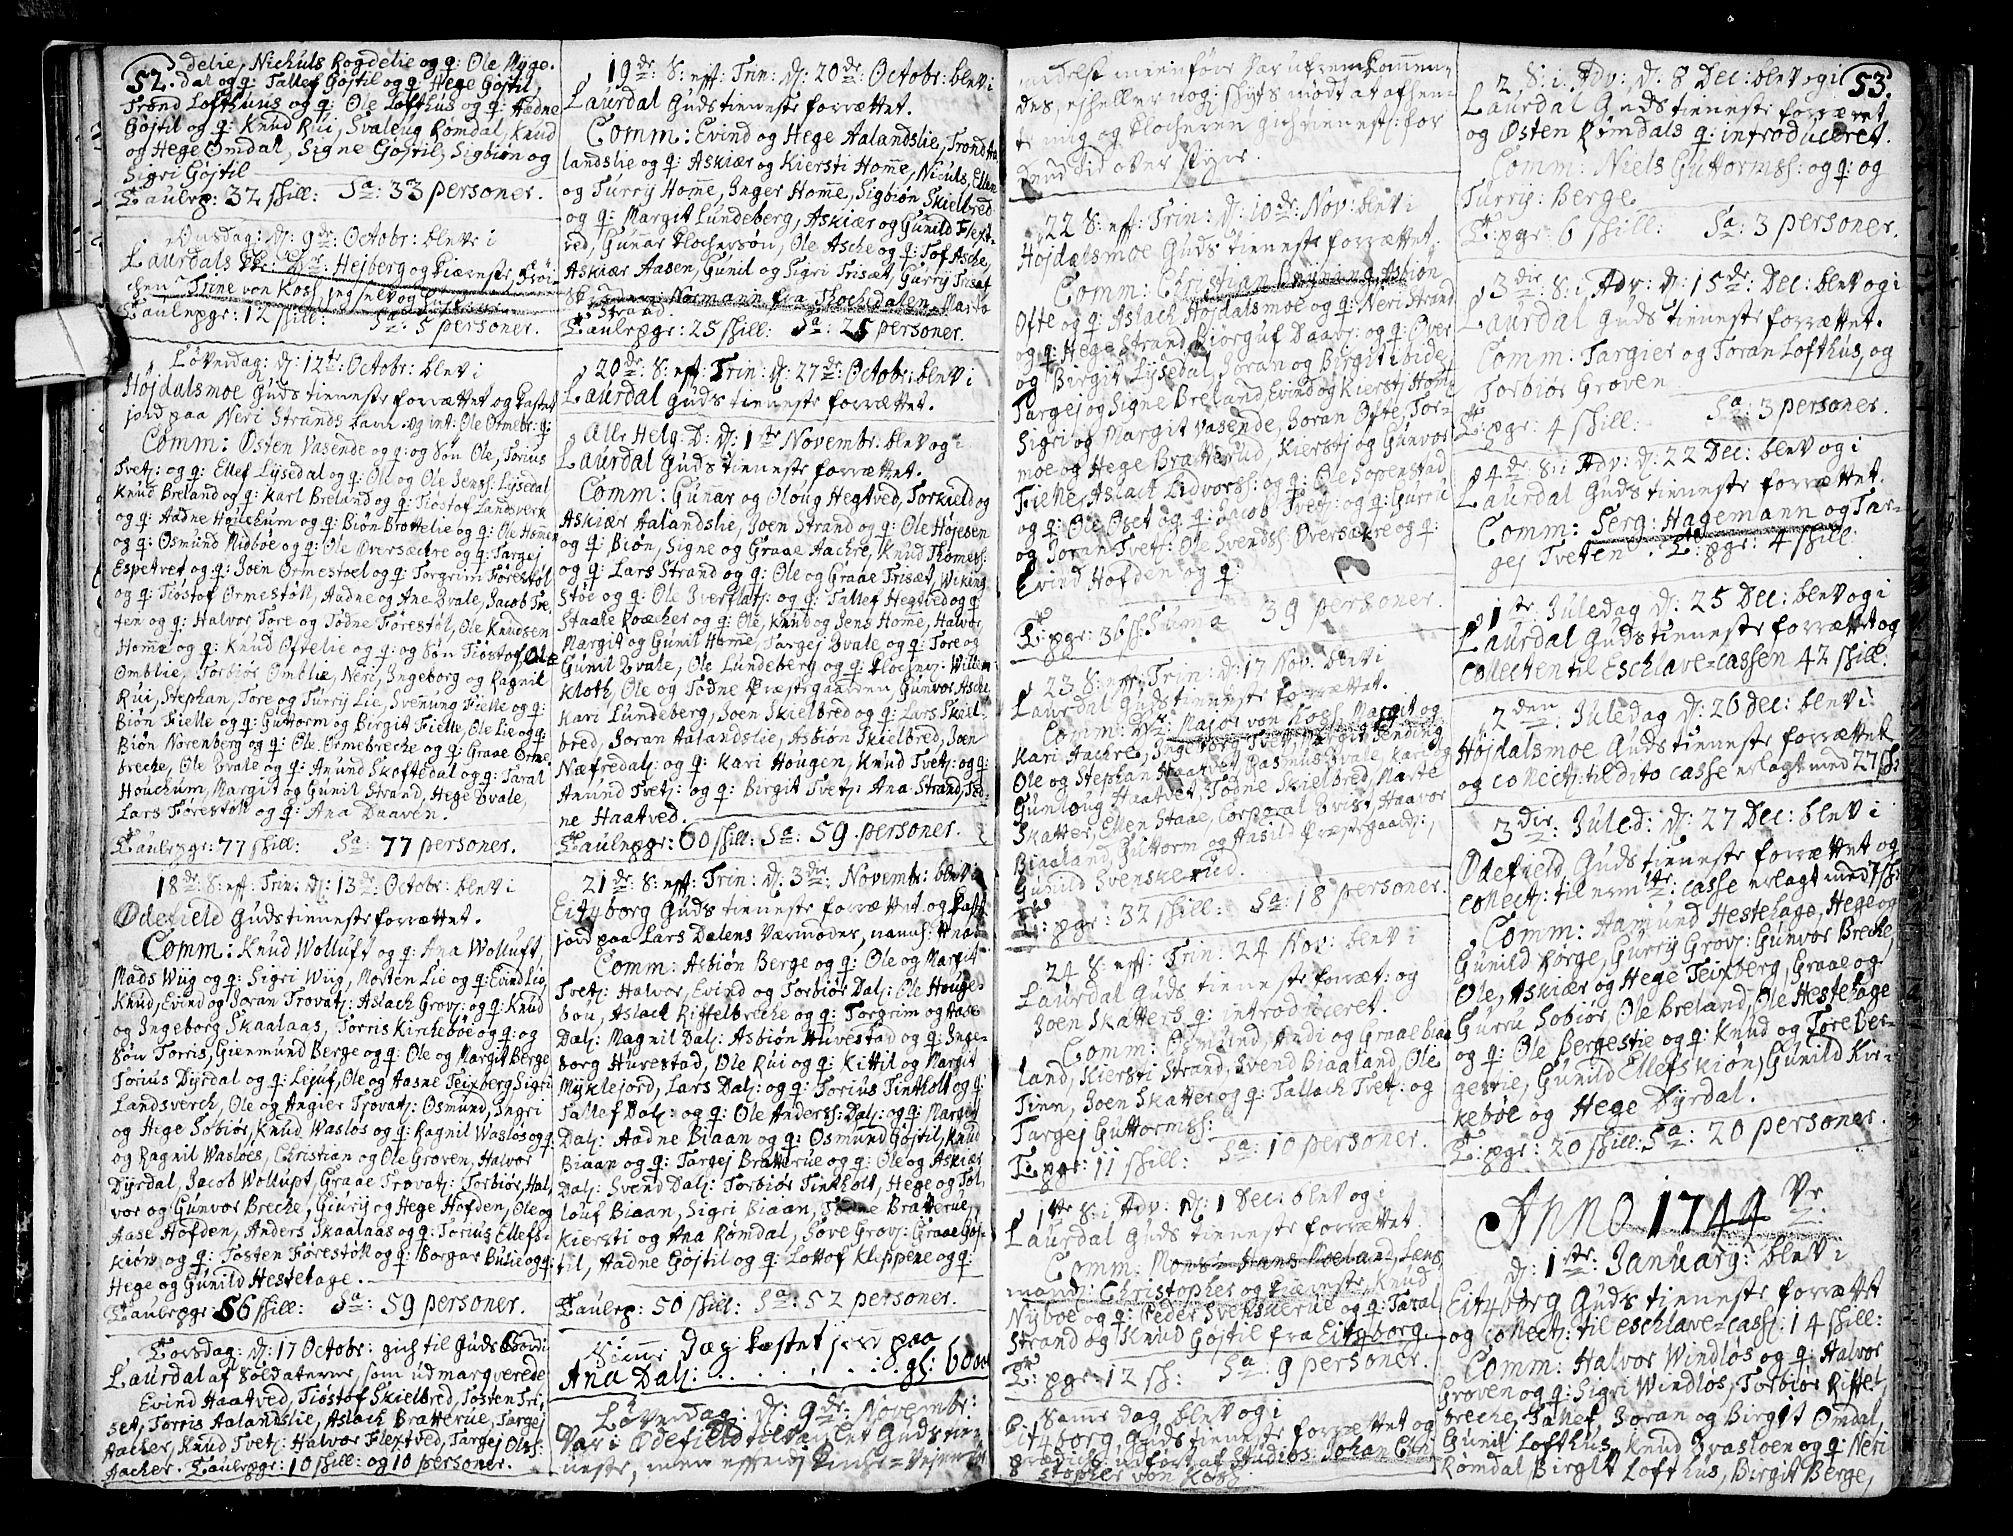 SAKO, Lårdal kirkebøker, F/Fa/L0002: Ministerialbok nr. I 2, 1734-1754, s. 52-53